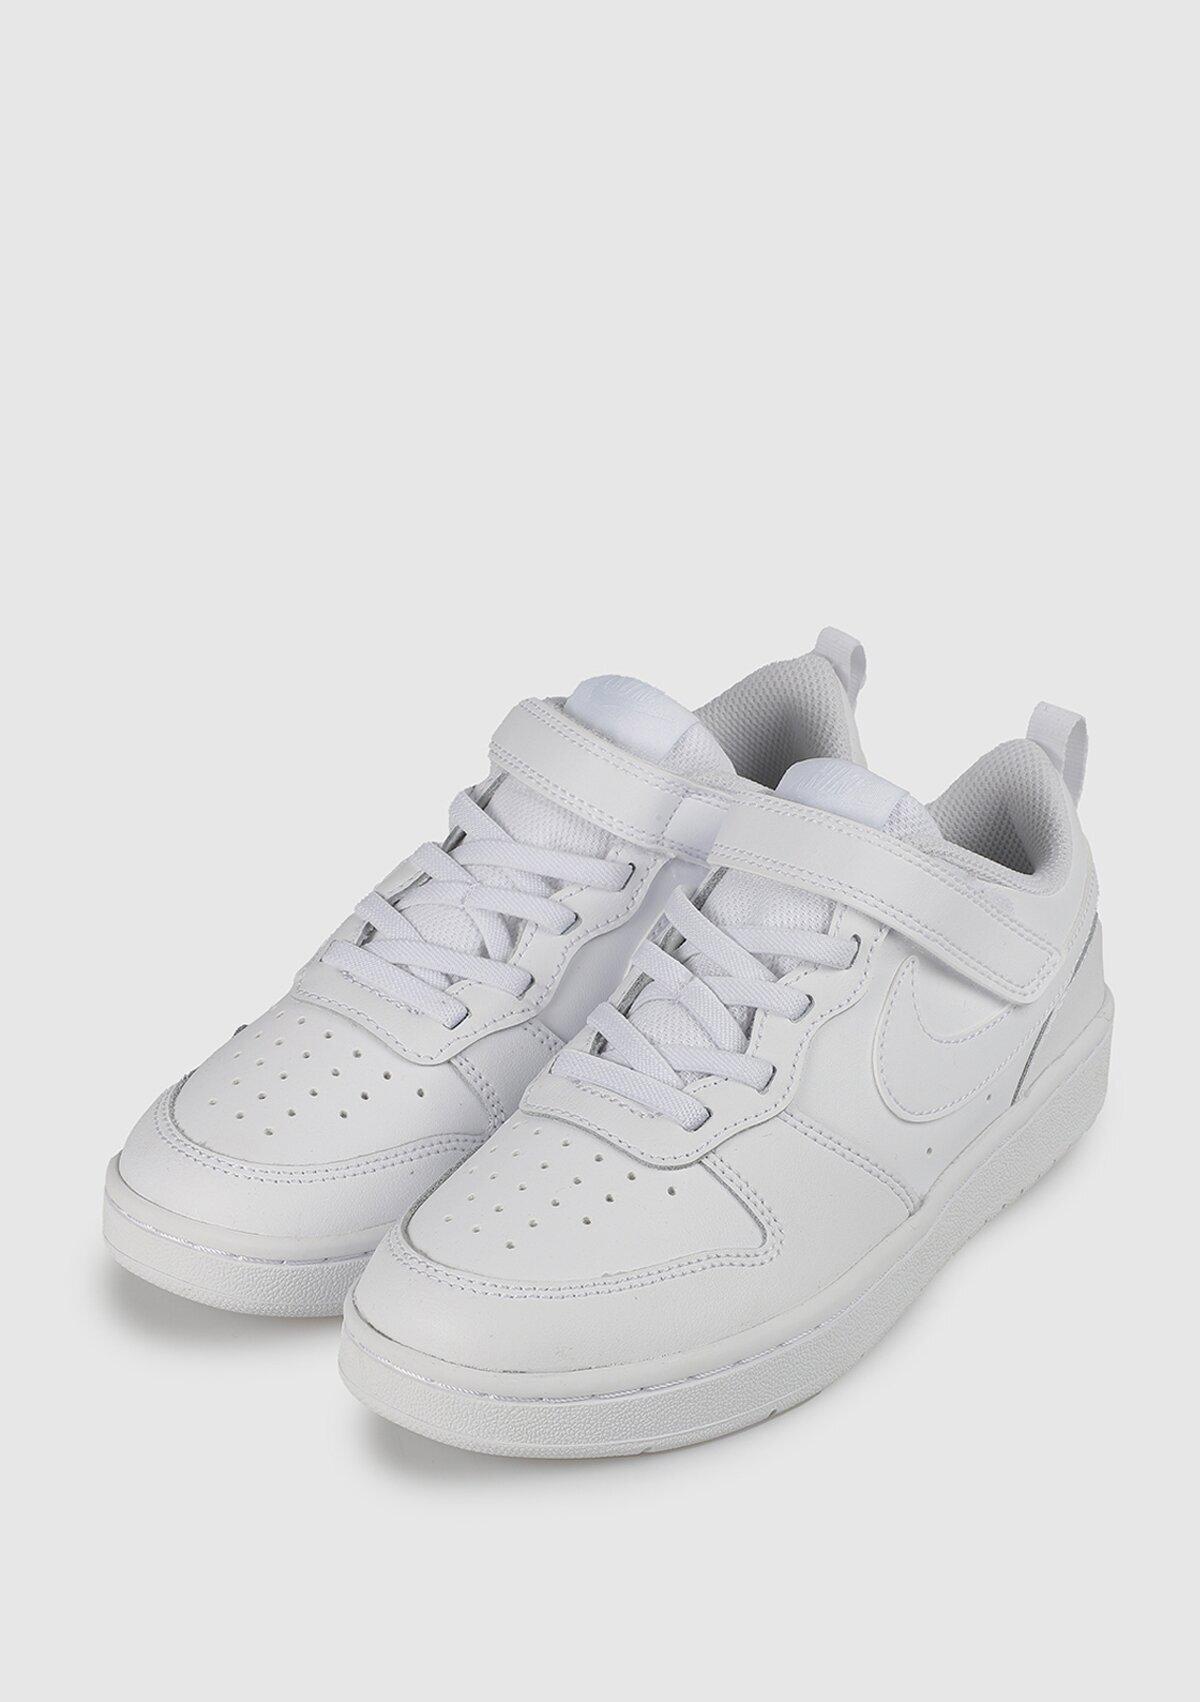 resm Court Borough Low Beyaz Unisex Spor Ayakkabısı Bq5